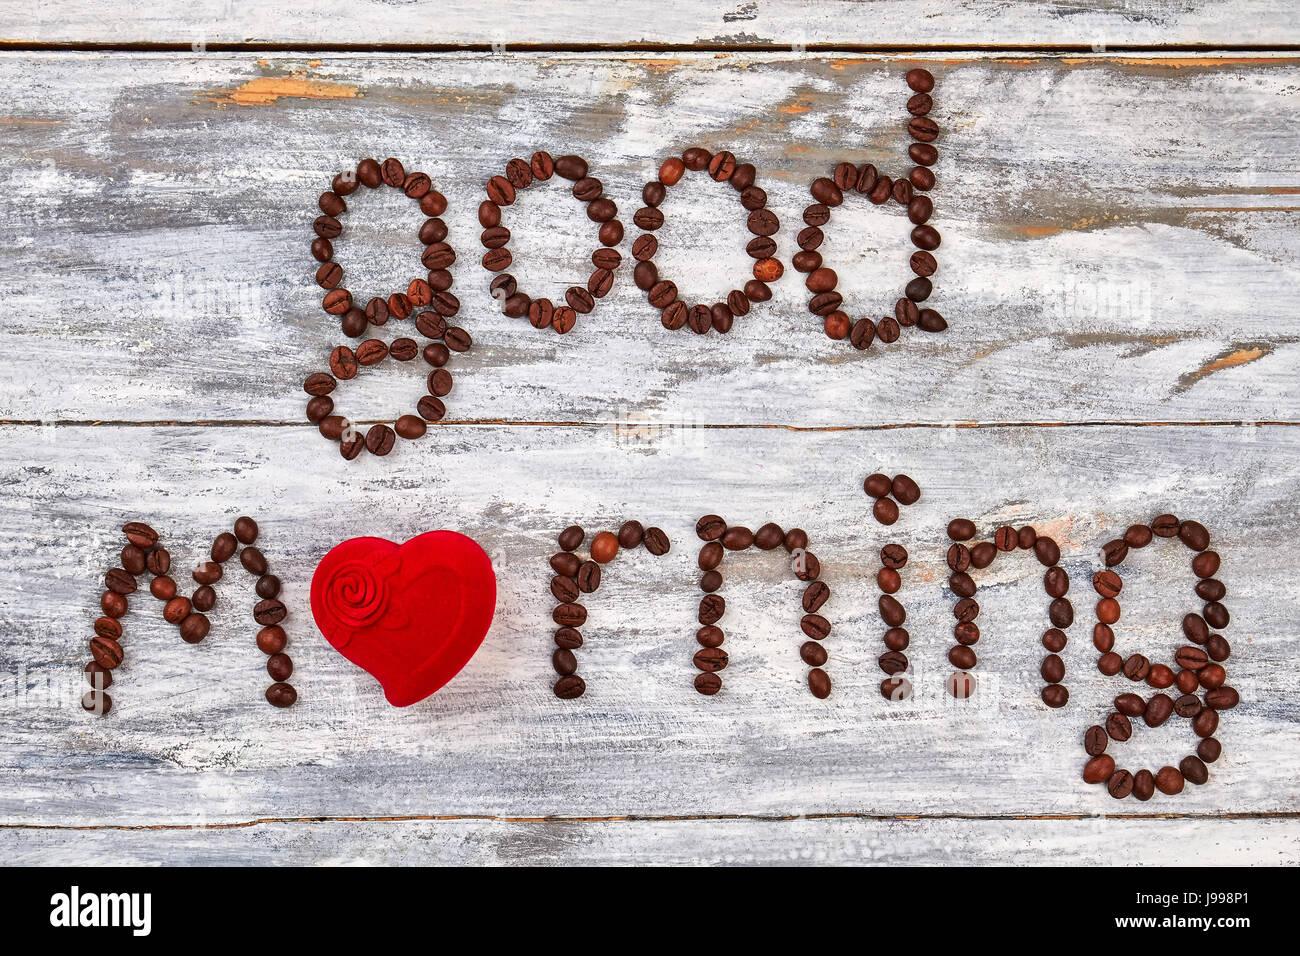 Guten Morgen Aus Herz Stockfoto Bild 143419305 Alamy